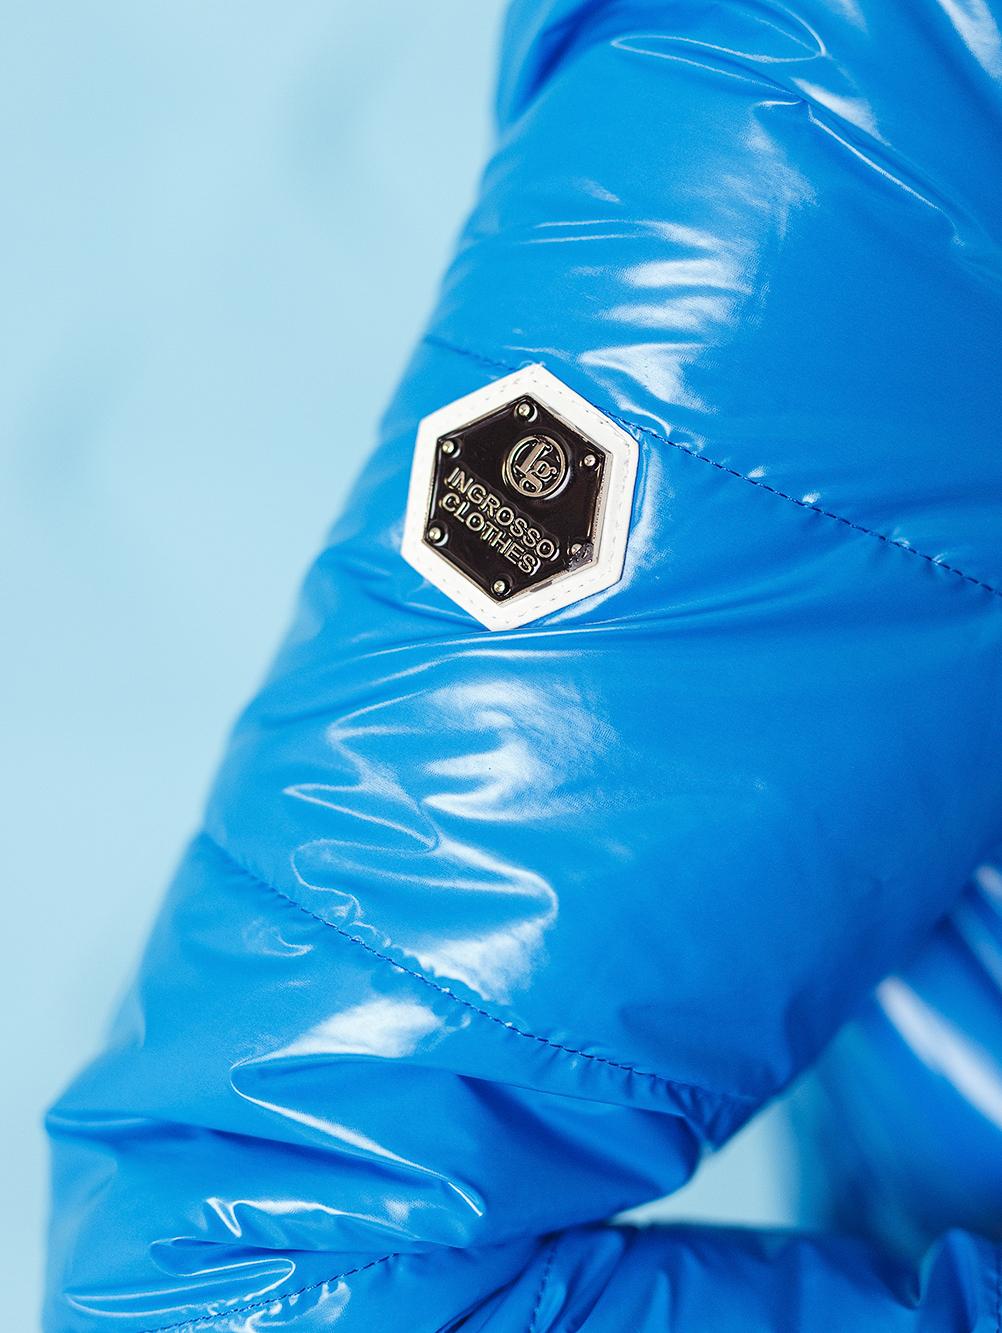 kurtka bomberka damska pikowana ze sciagaczem ingrosso niebieska (4)